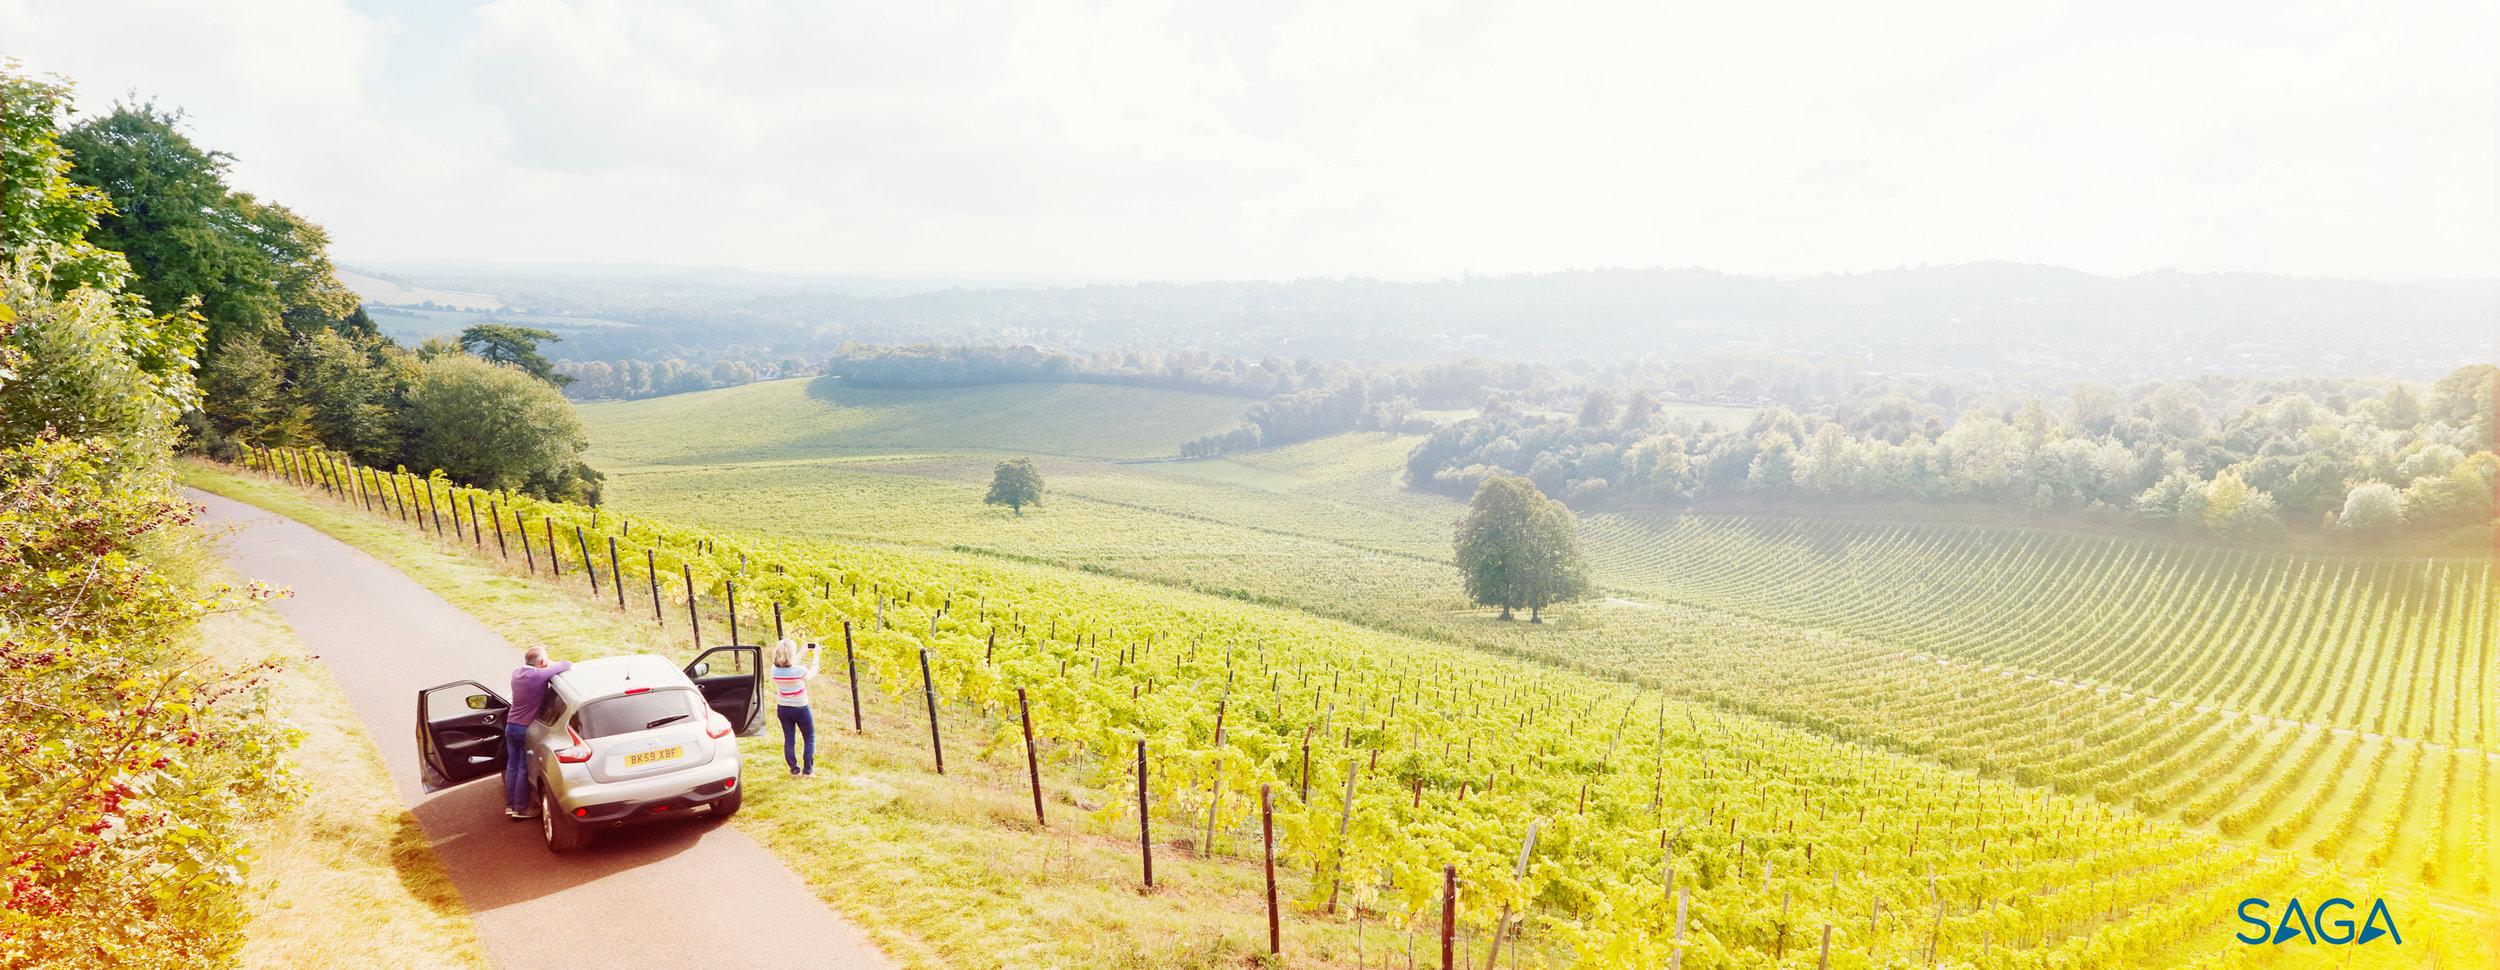 Saga - Vineyard - landscape.jpg